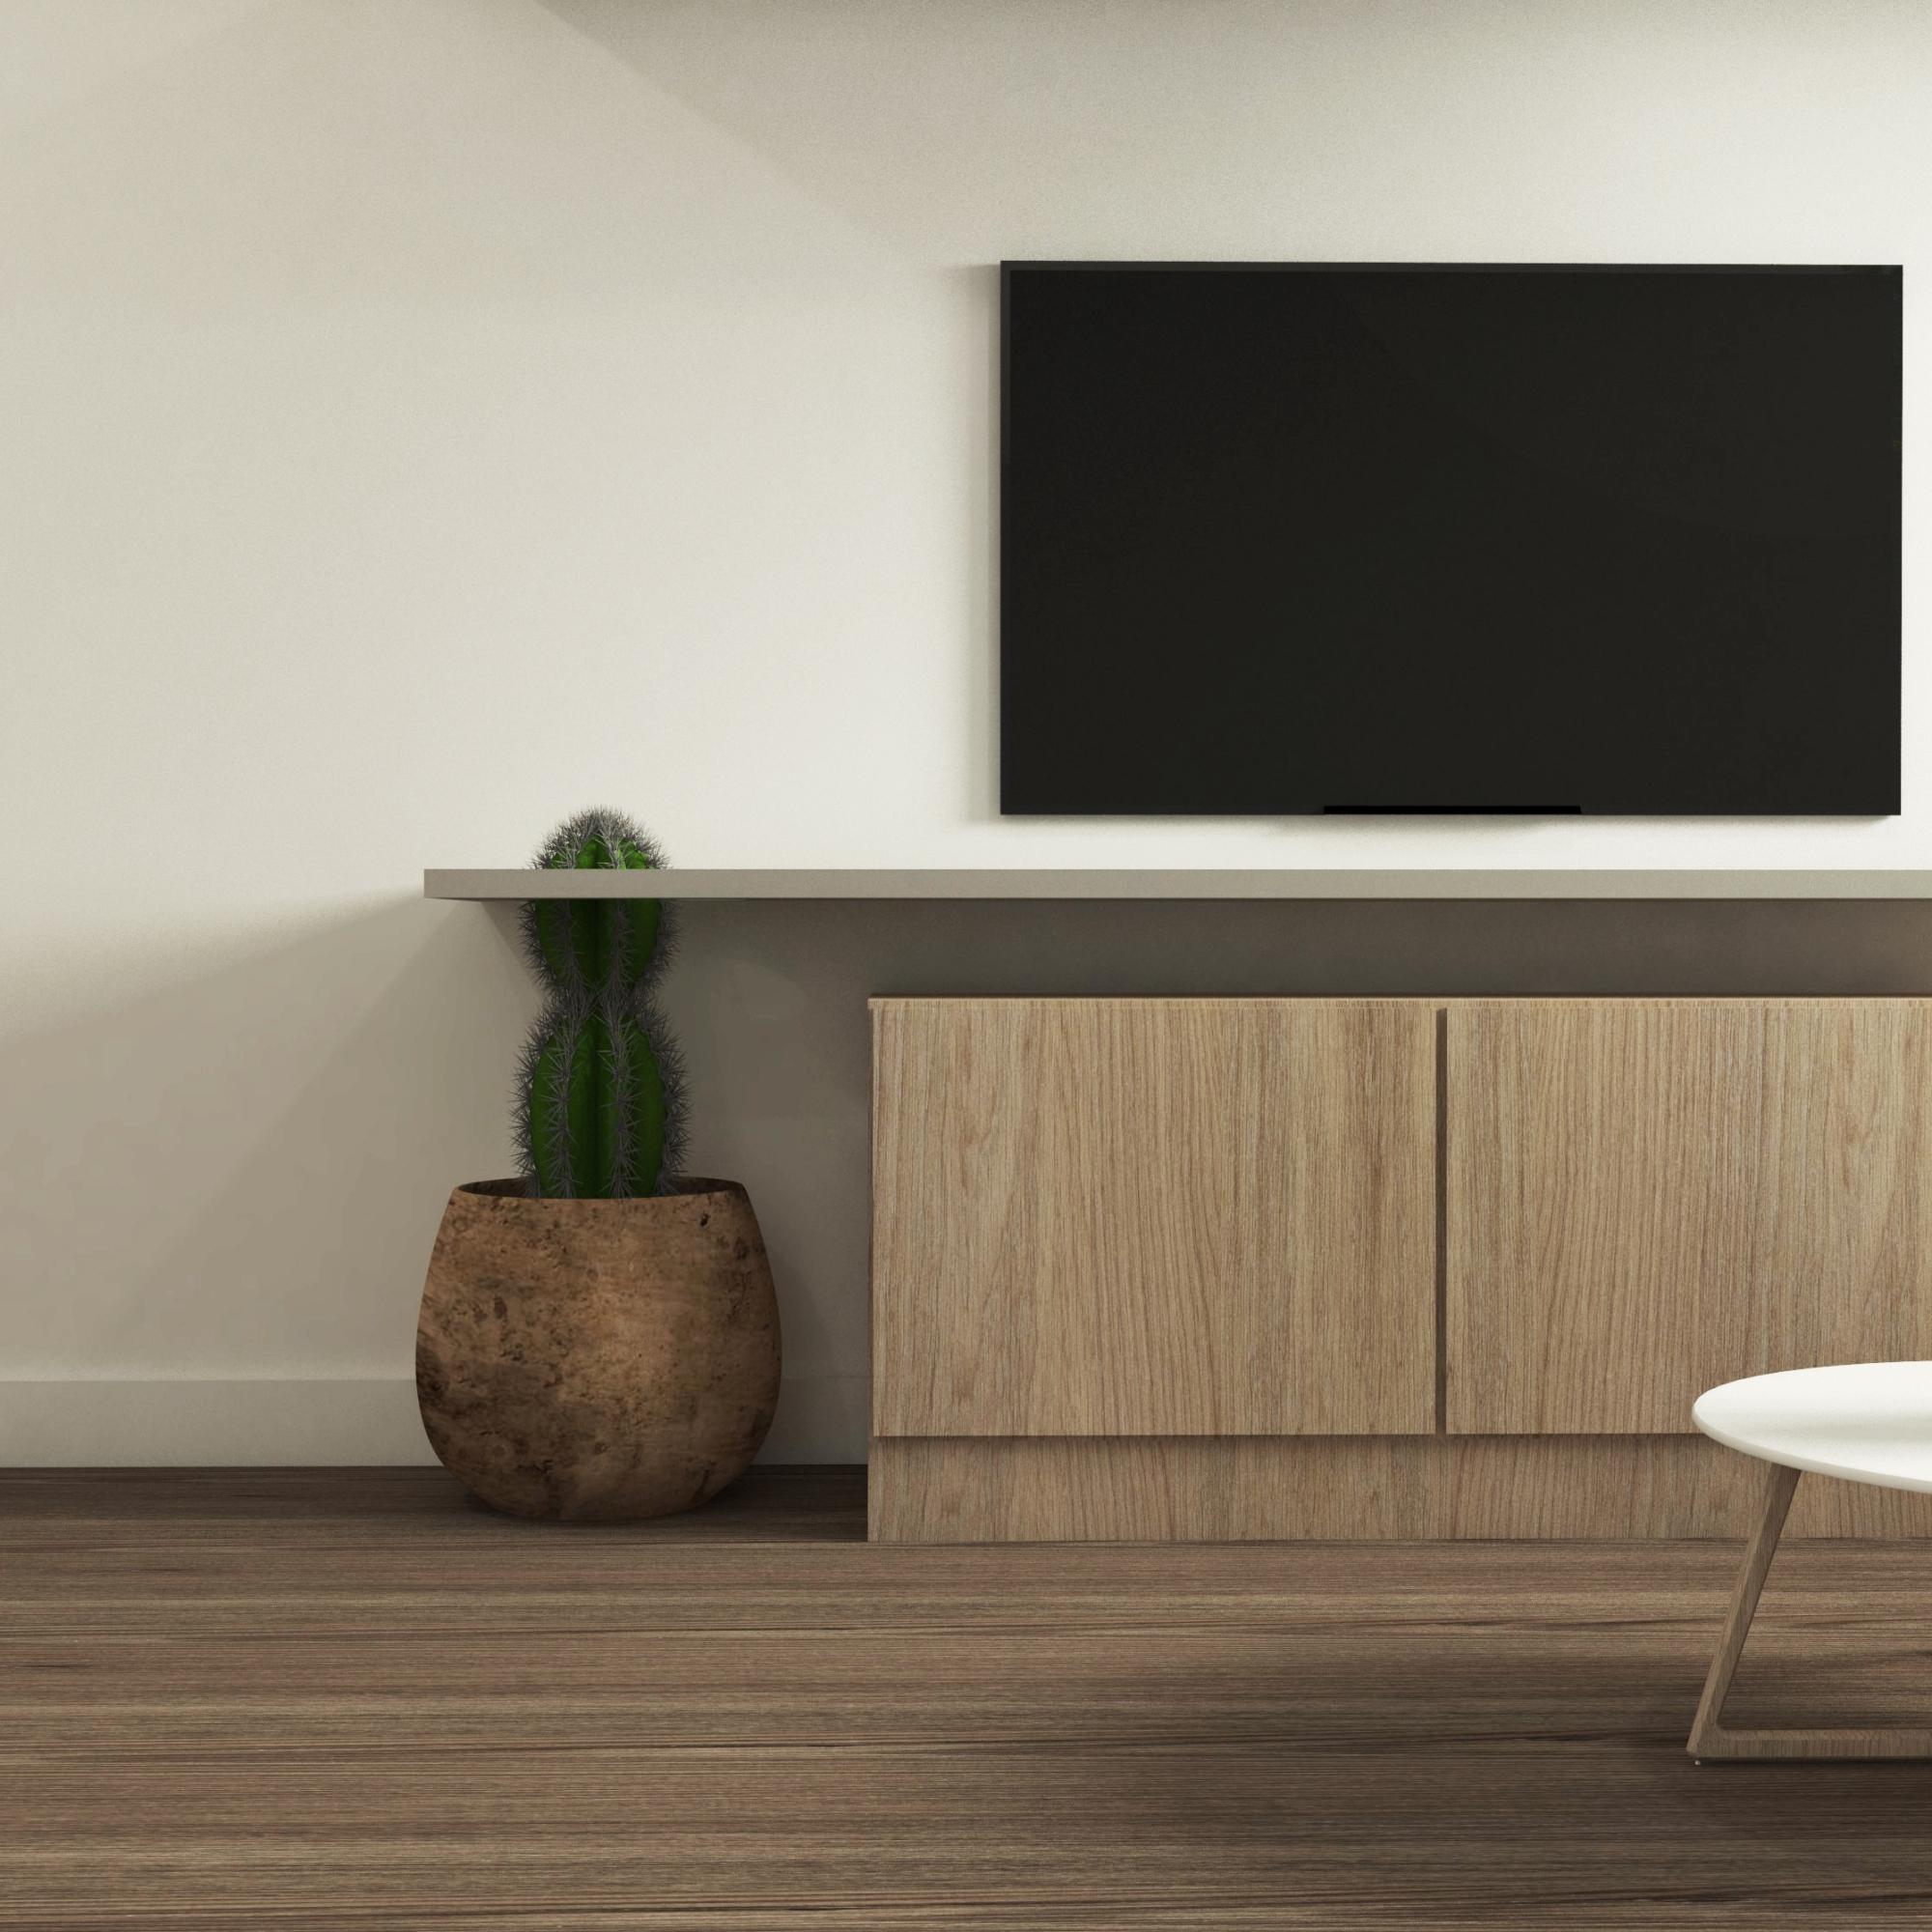 Designer de interiores em Curitiba - Escritório de design de interiores - projetos modernos e minimalista. Estúdio Murilo Zadulski Interiores - consultoria de interiores e decoração em Curitiba